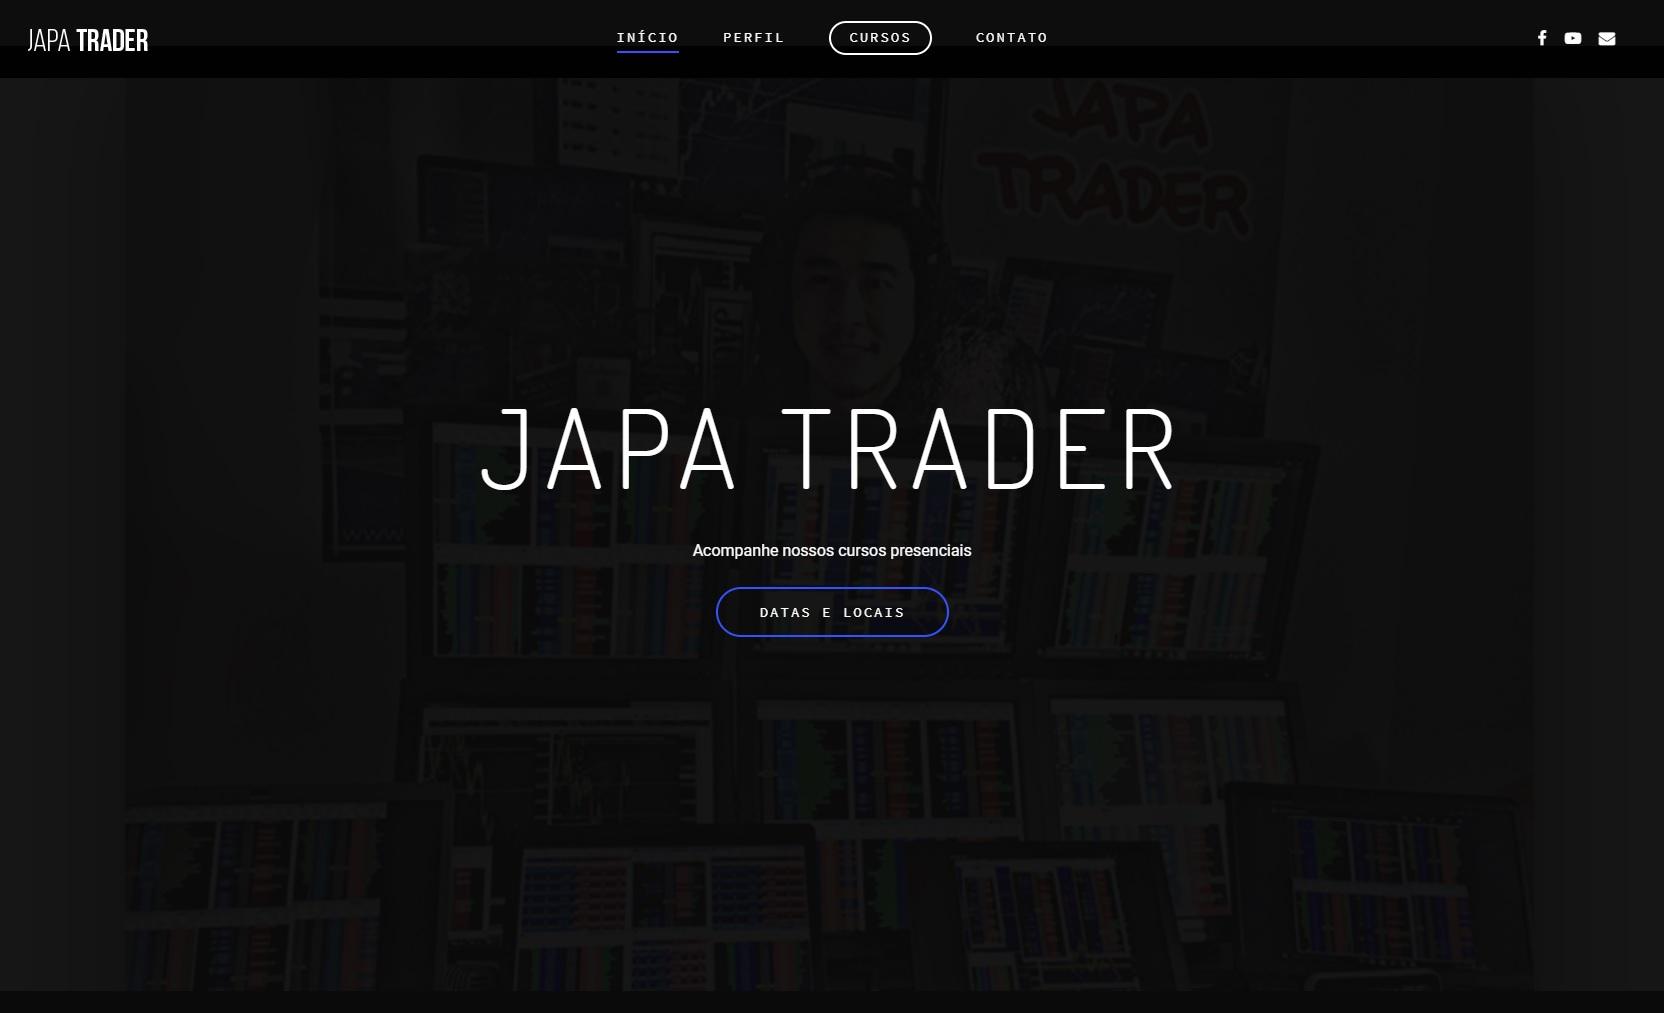 Japa Trader